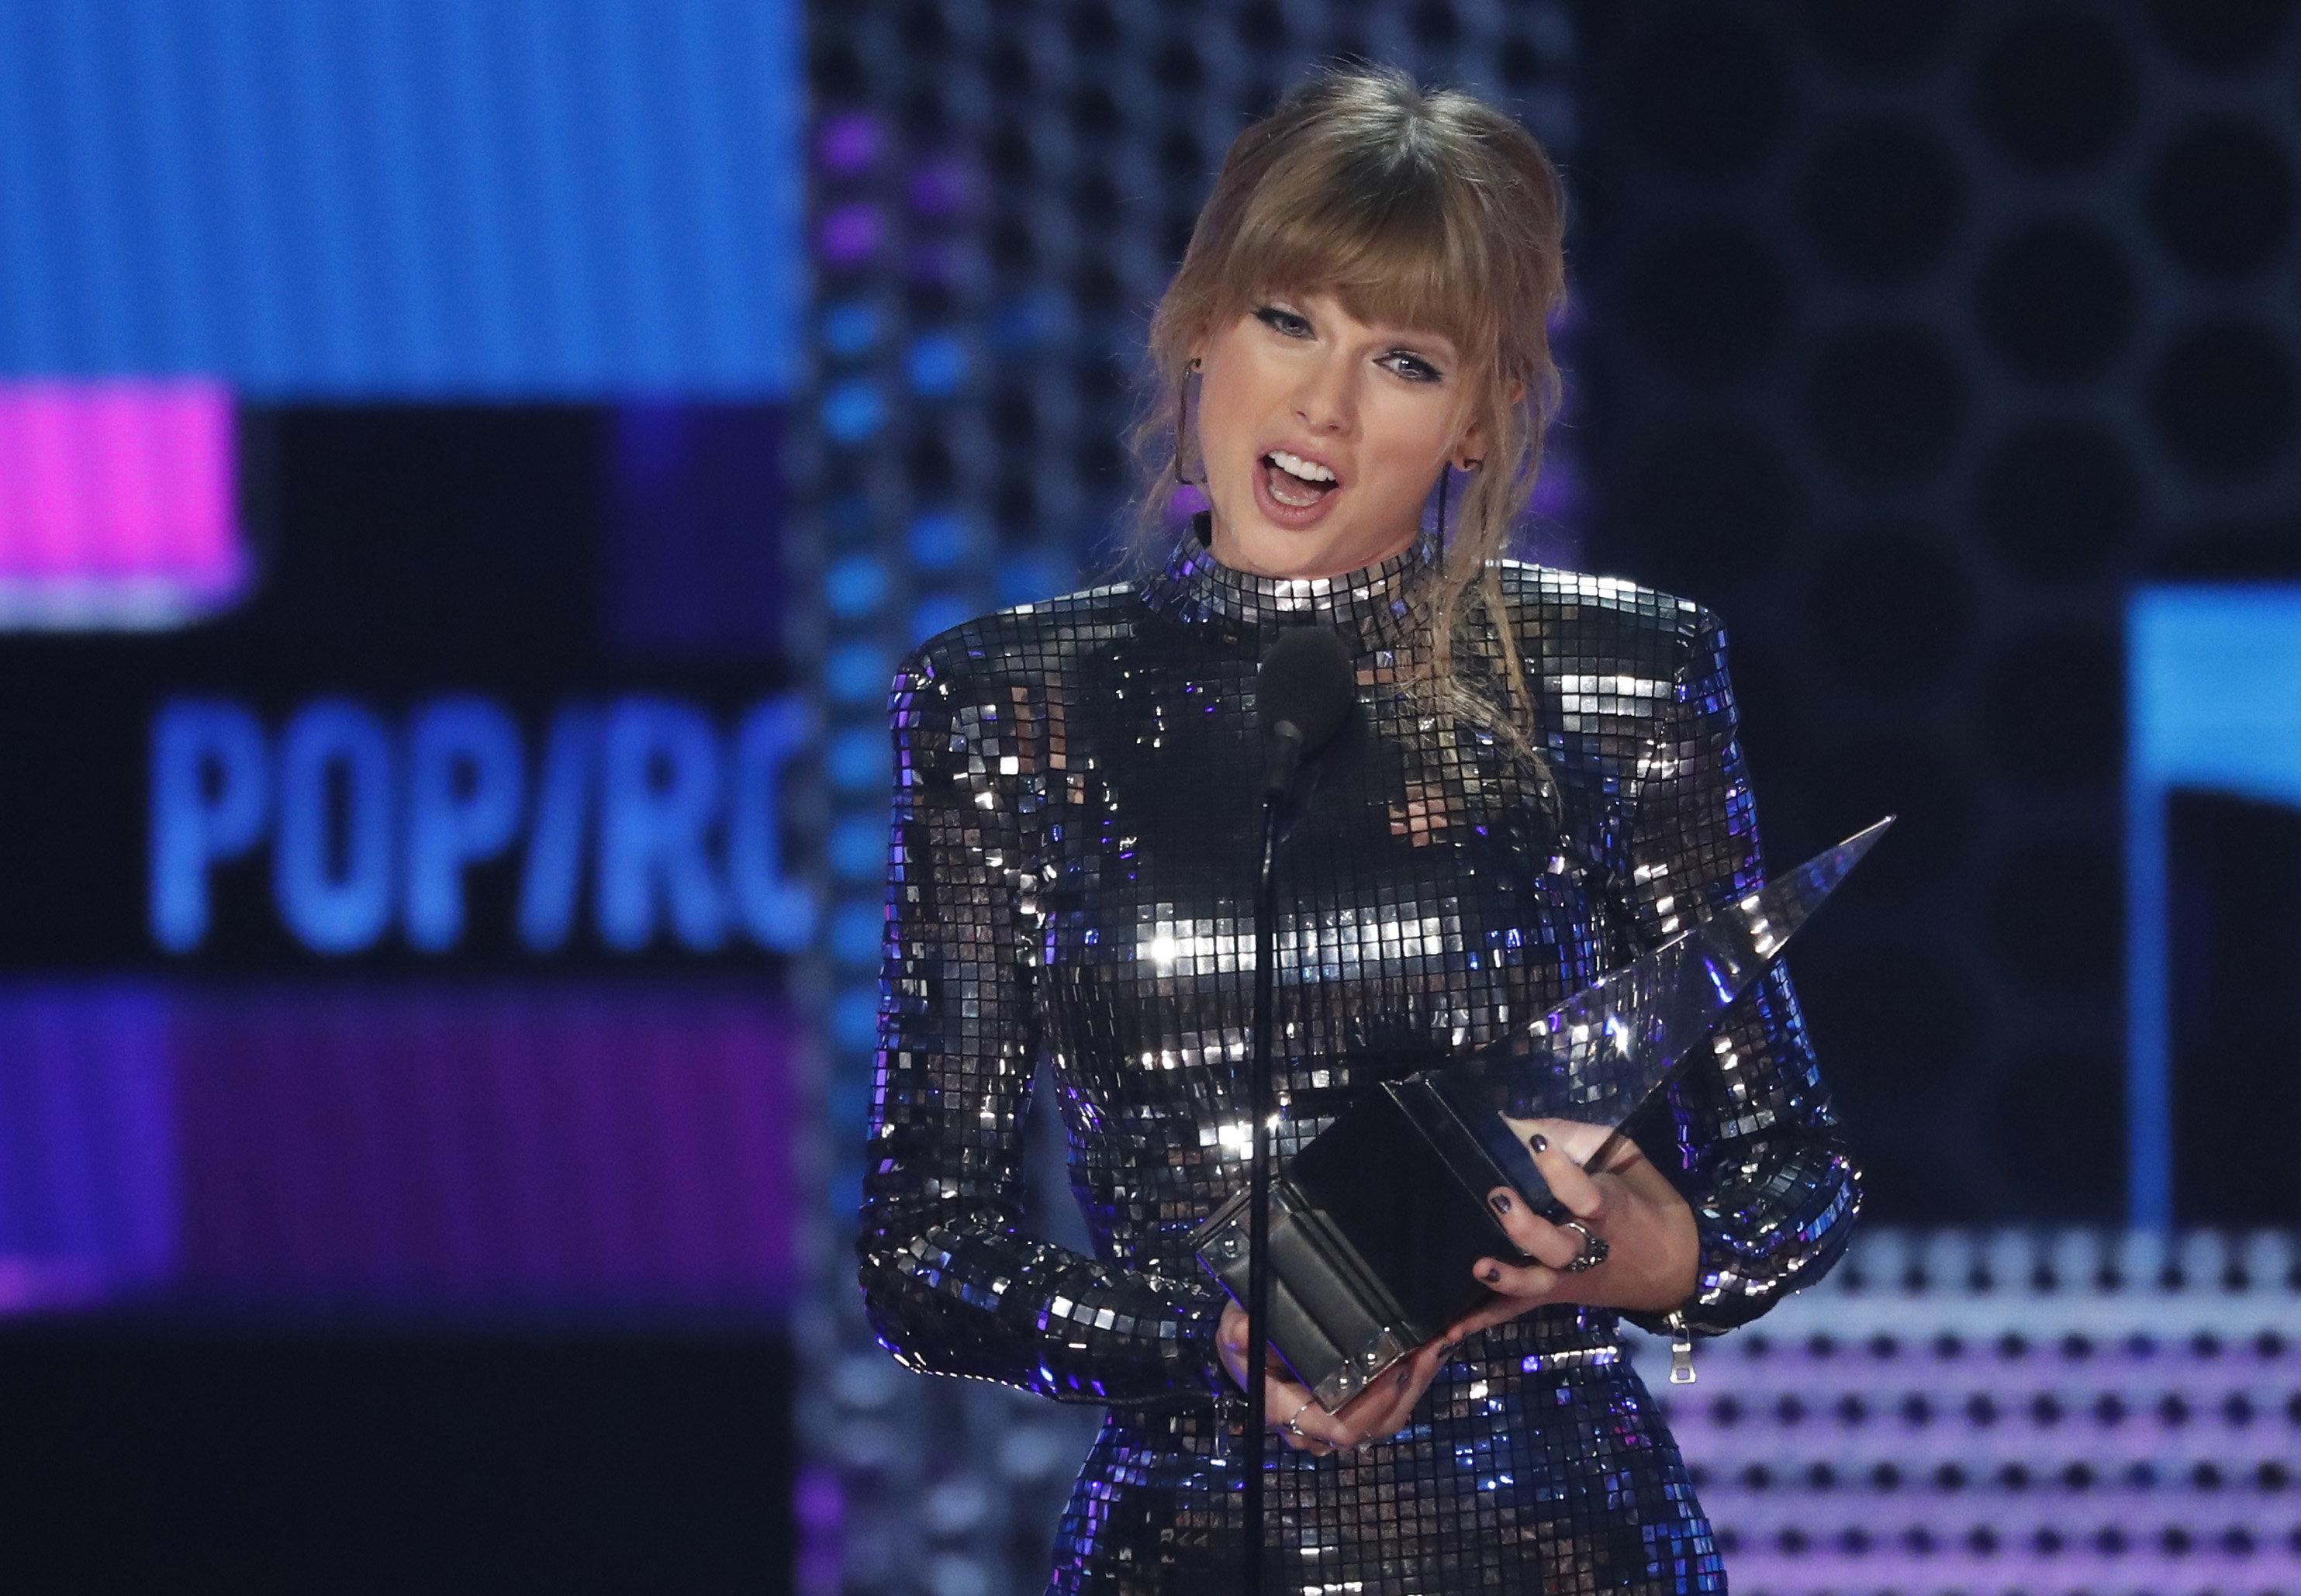 Η Τέιλορ Σουίφτ μεγάλη νικήτρια στα American Music